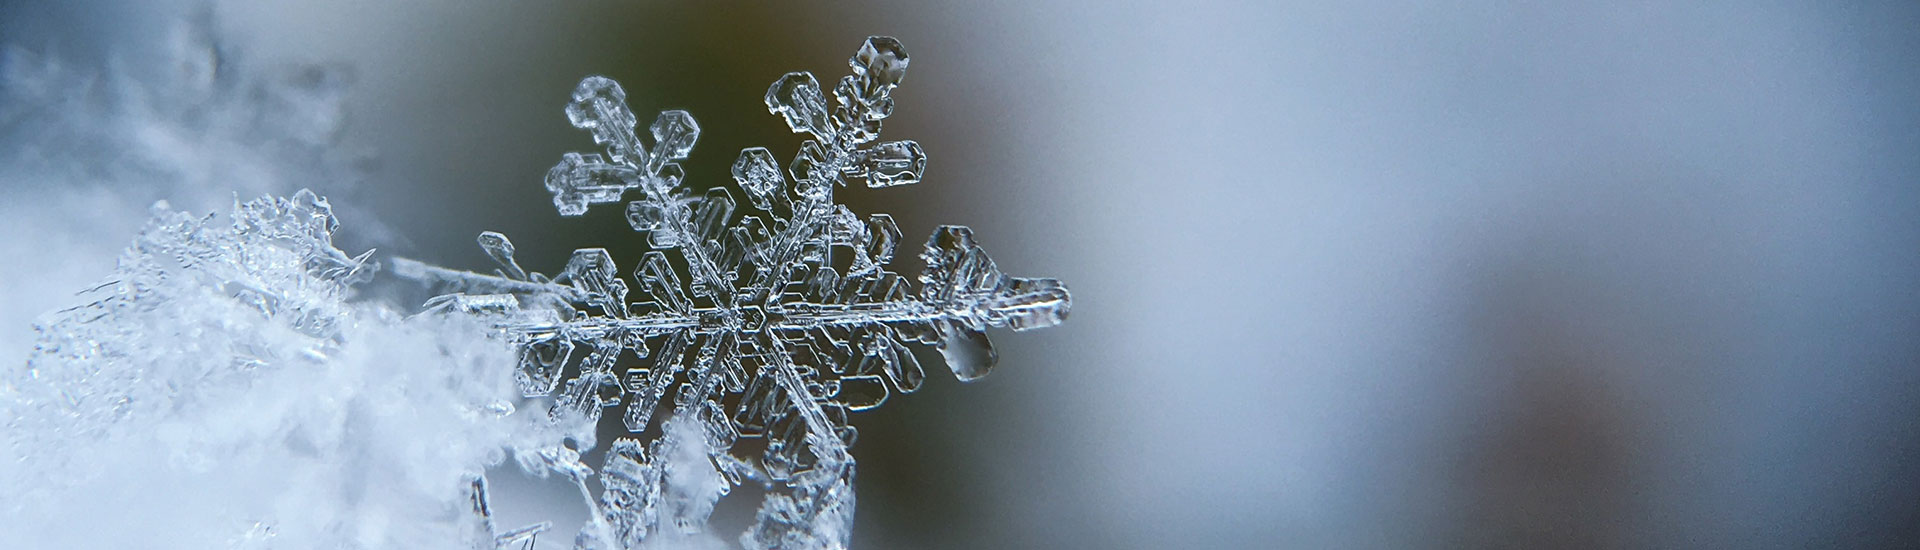 Petits conseils pour préserver son système d'hydratation du gel